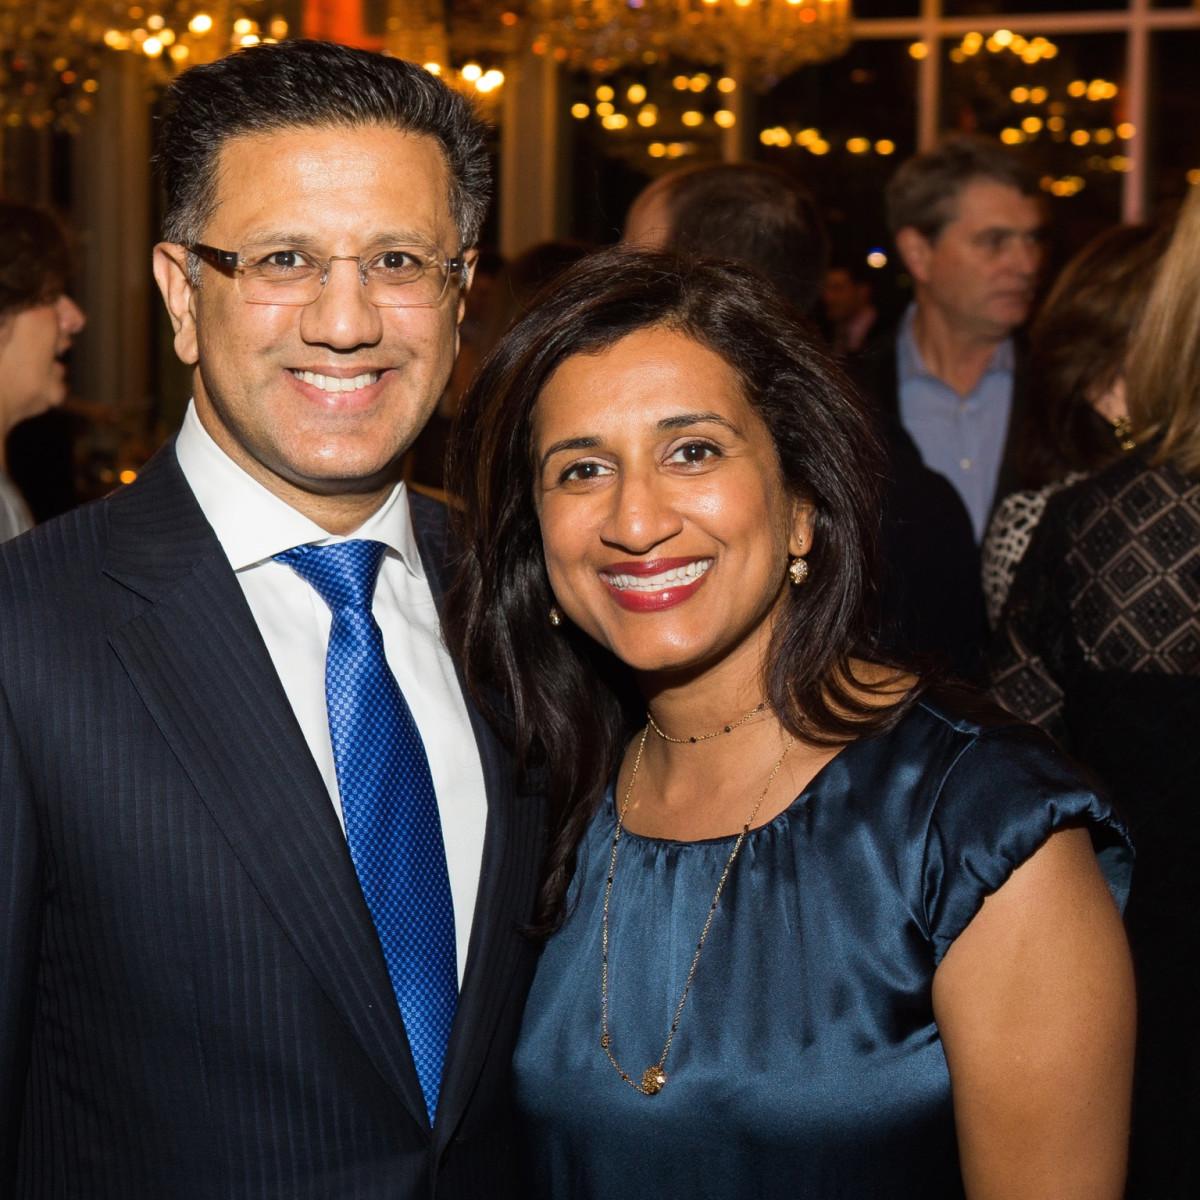 Badar Kahn, Masu Khan at UTHealth Children's Learning Institute's fifth annual tasting dinner